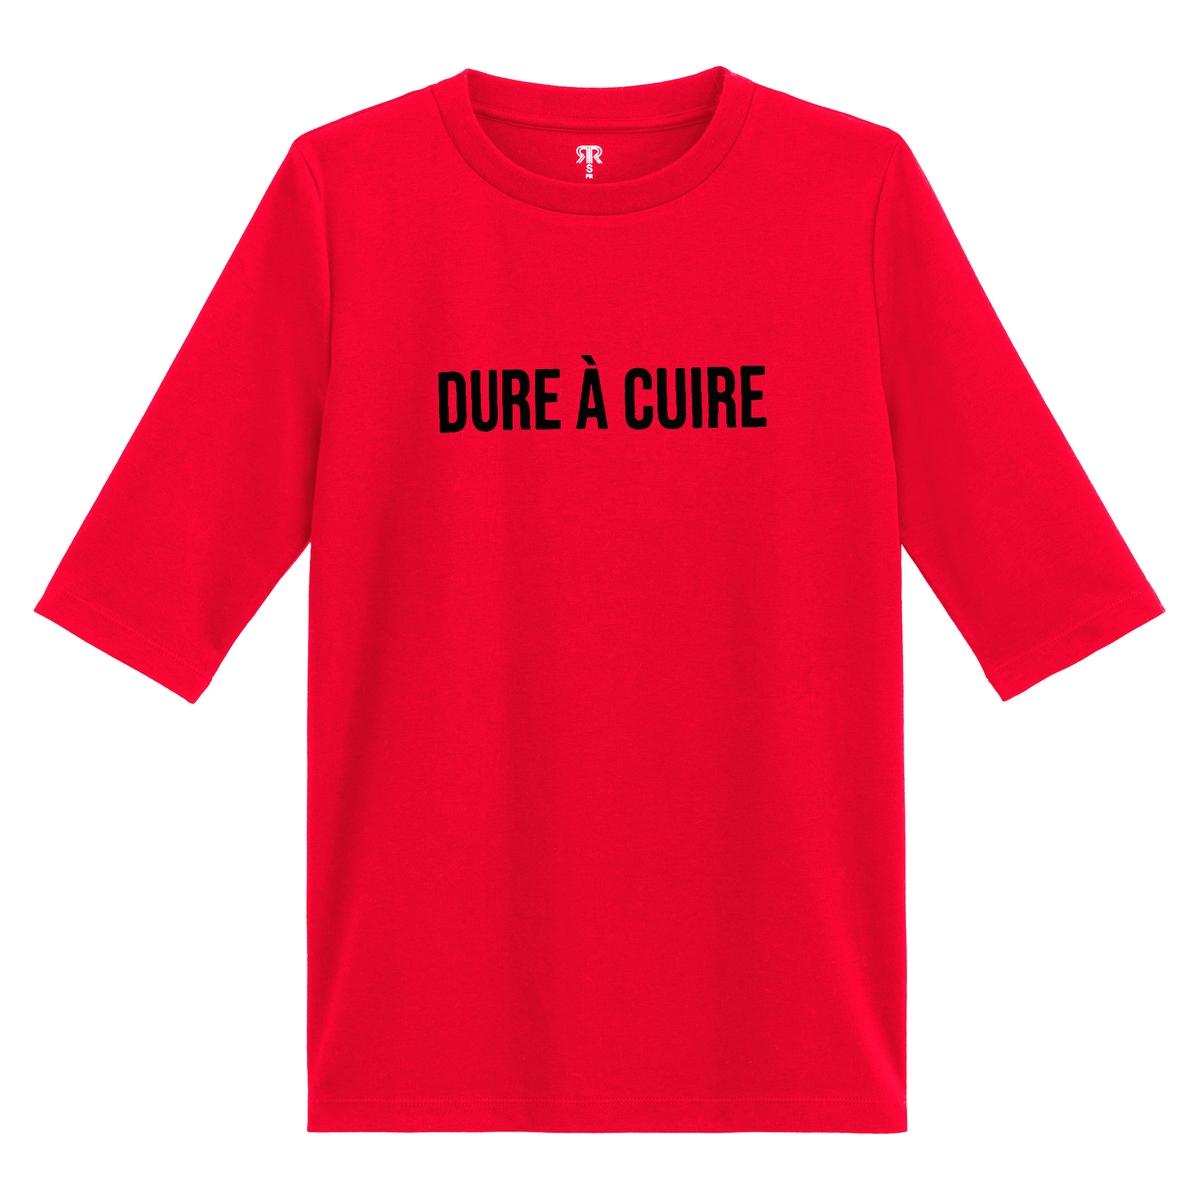 T-shirt de gola redonda, mangas curtas, motivo à frente